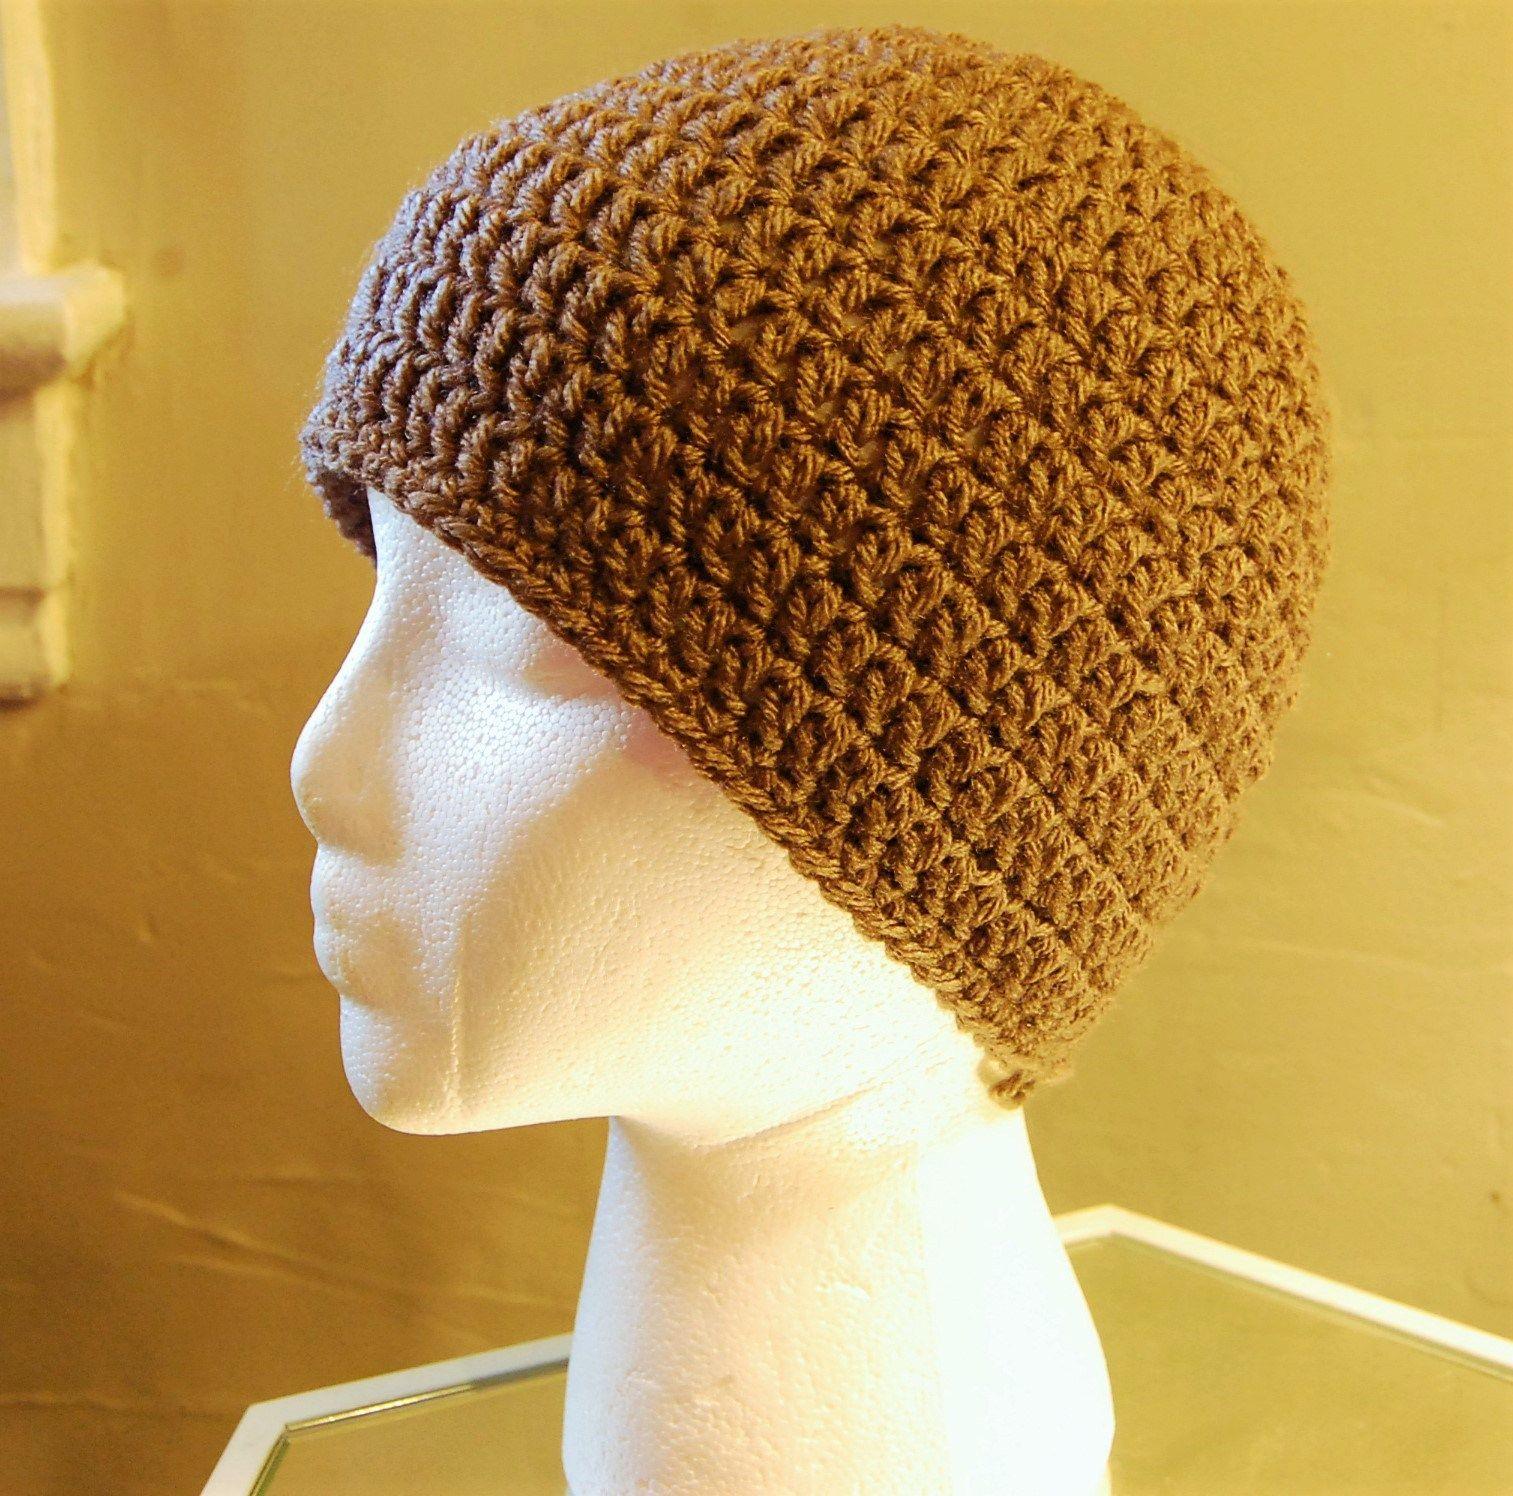 Basic crochet men\'s hat pattern by JJCrochet. Love that it\'s free ...